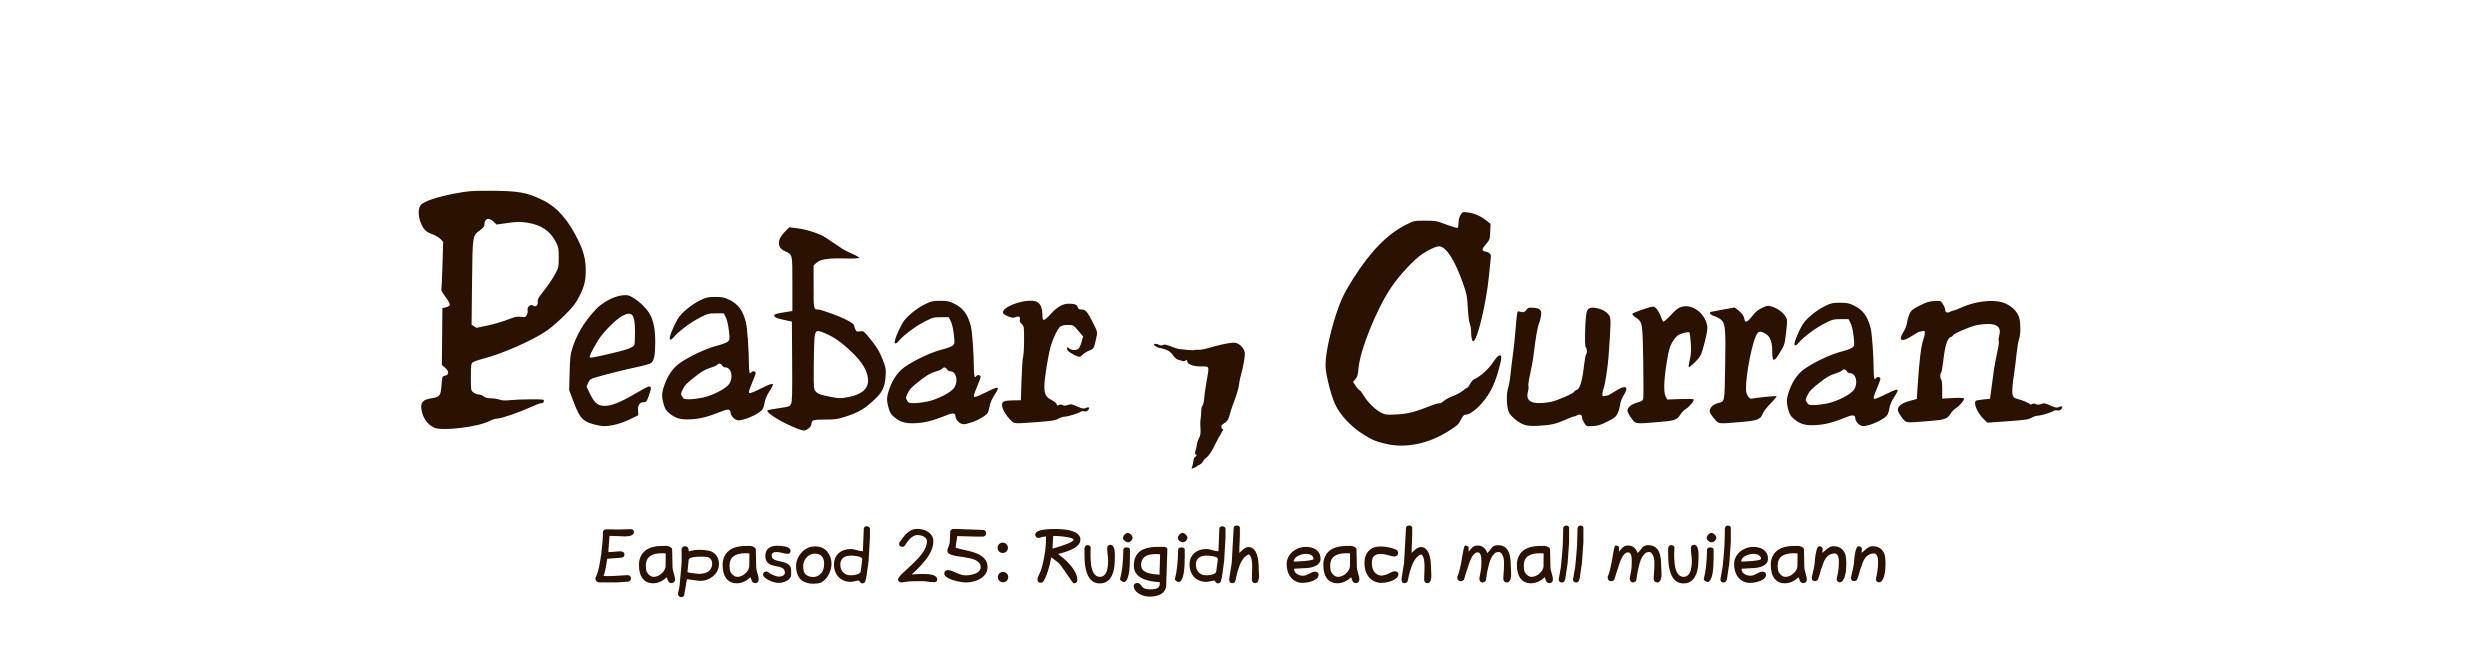 Eapasod 25: Ruigidh each mall muileann